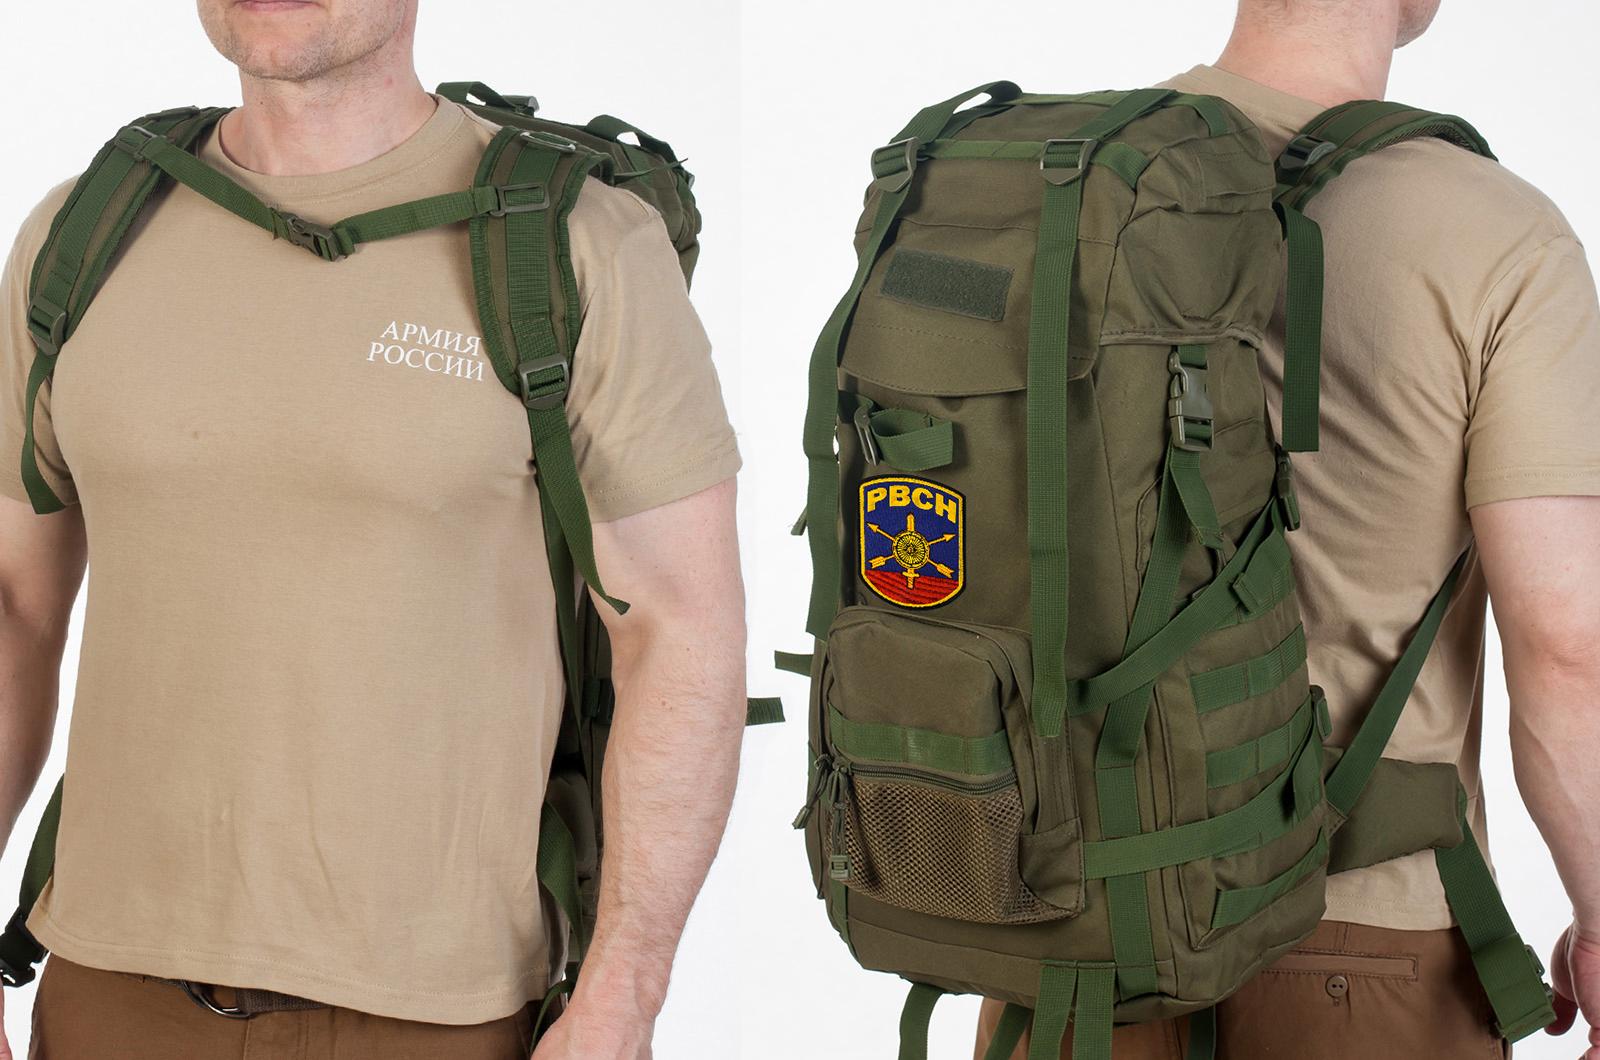 Армейский рейдовый рюкзак РВСН с удобной доставкой